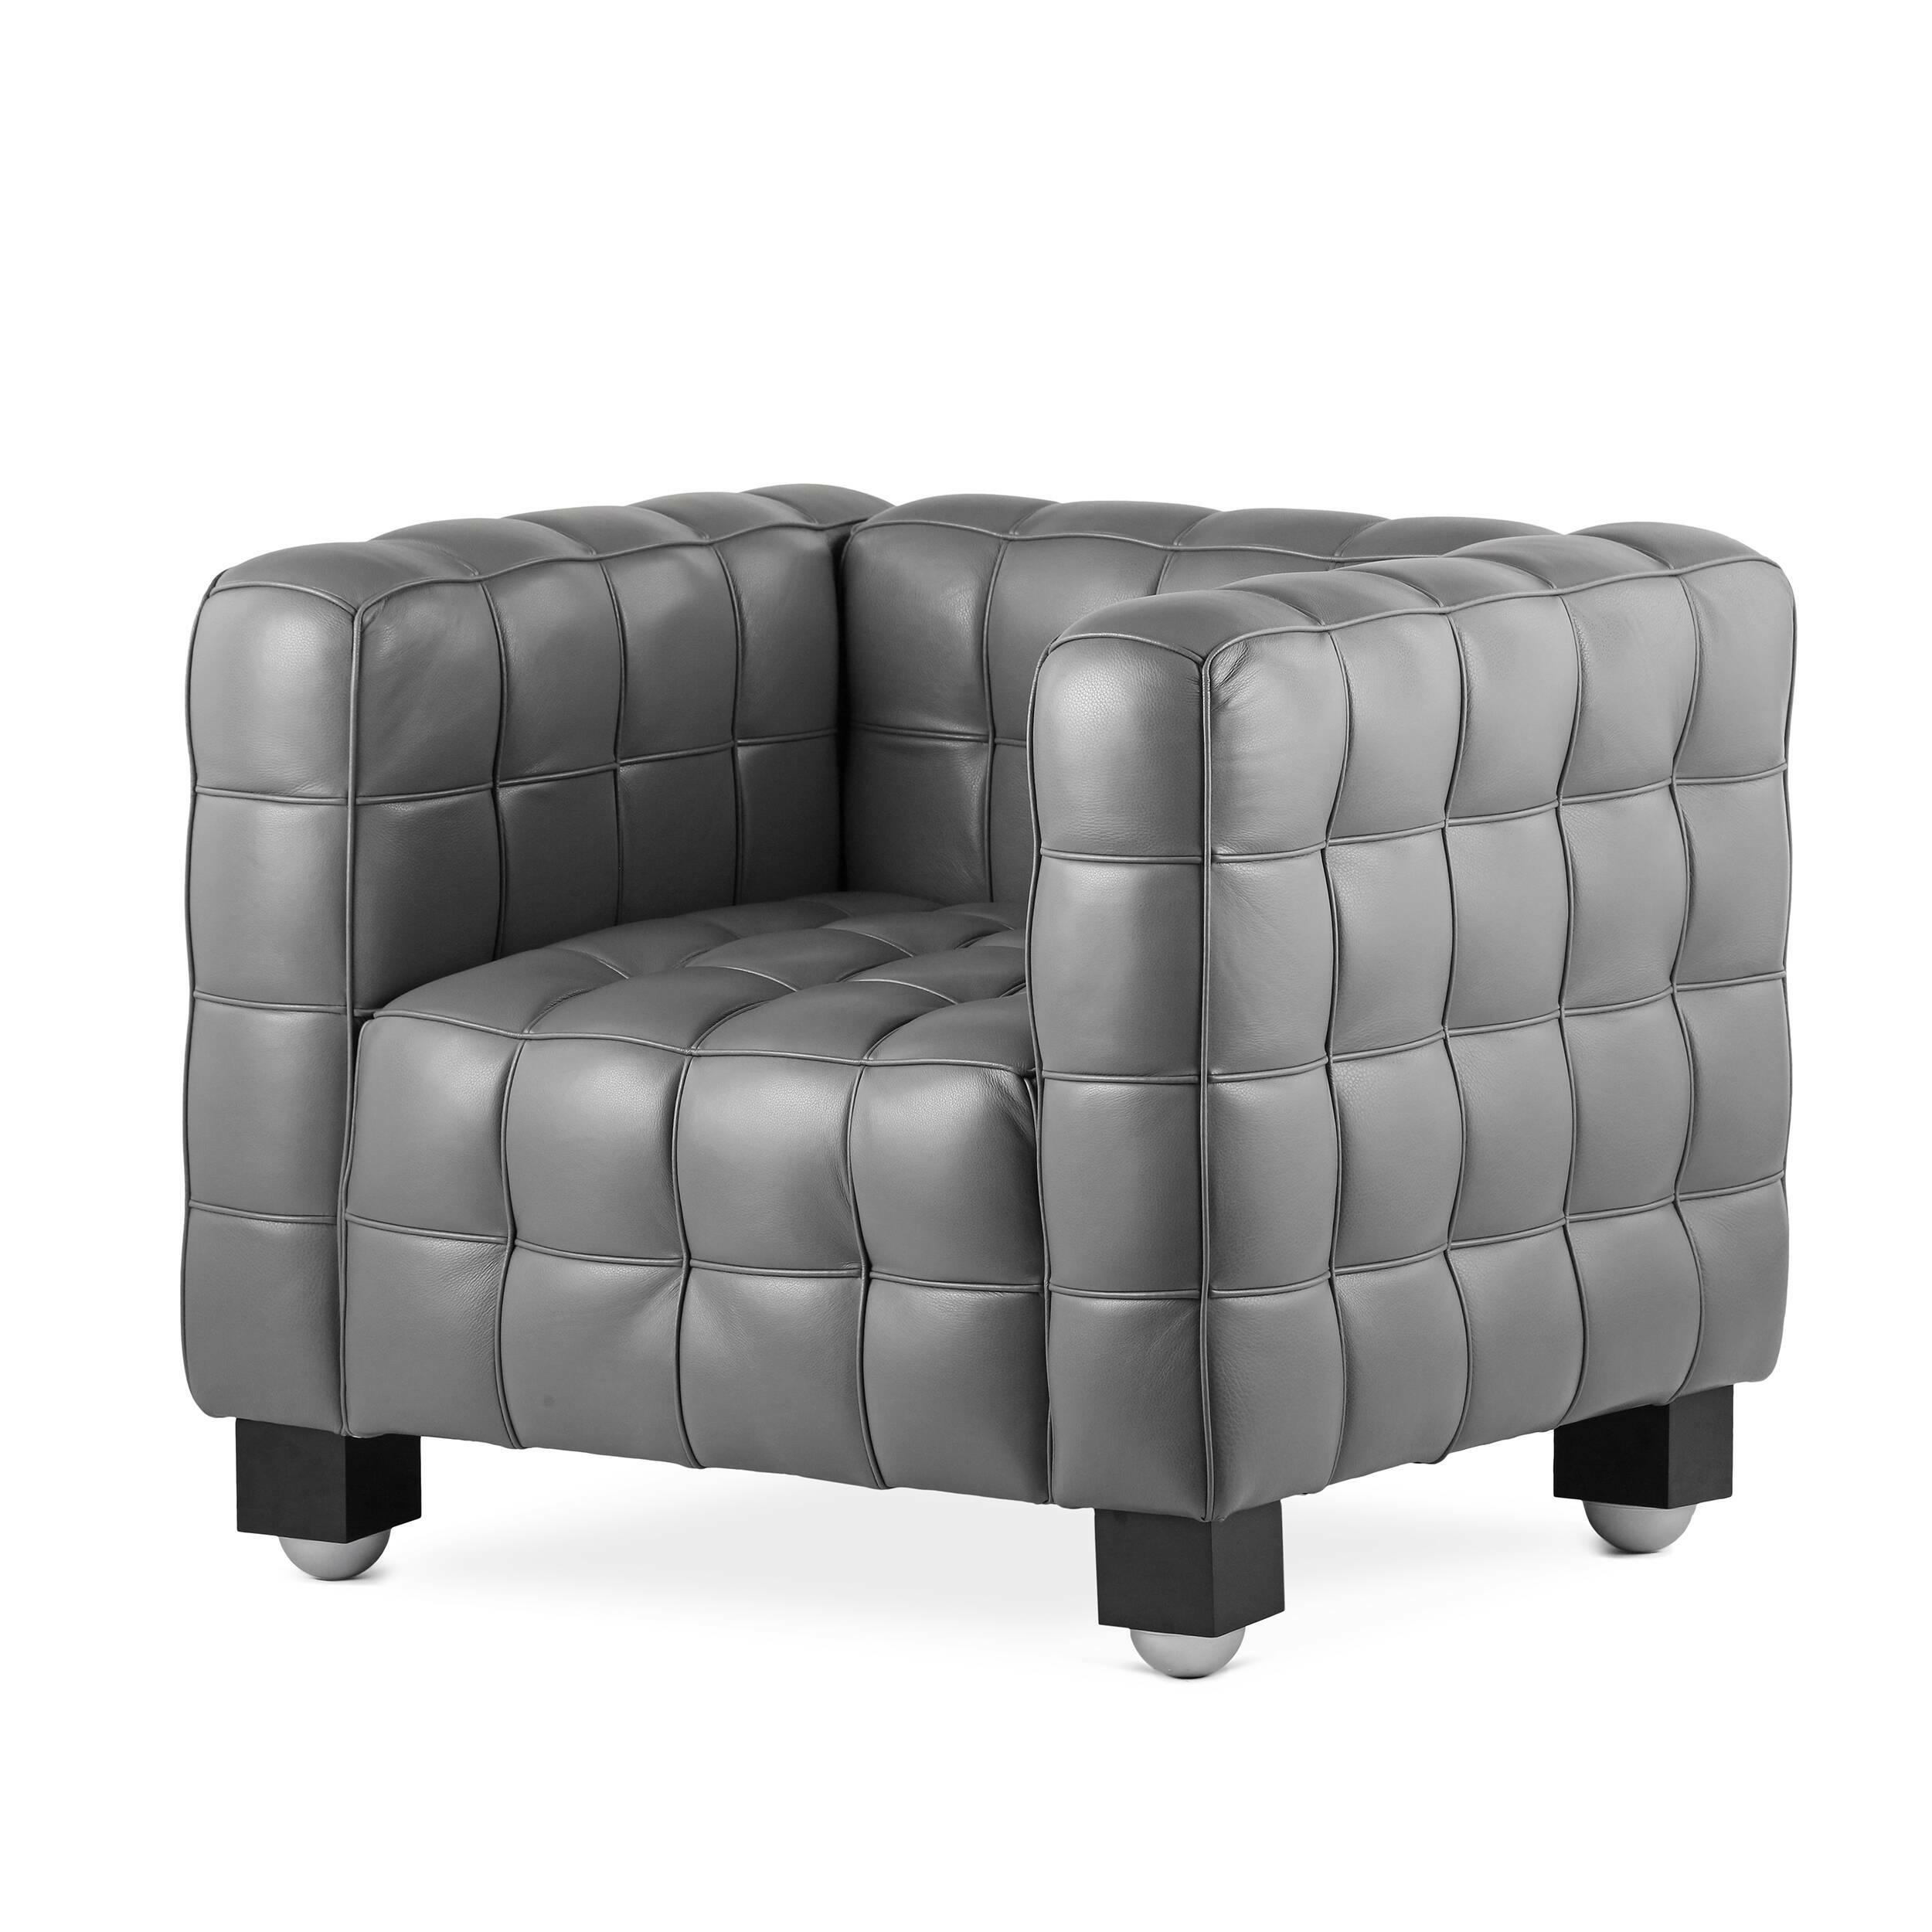 Кресло KubusИнтерьерные<br>Дизайнерское квадратное кожаное глубокое мягкое кресло Kubus (Кубус) от Cosmo (Космо).<br><br><br> Кресло Kubus, разработанное в 1910 году для выставки в Буэнос-Айресе, являет собой классический пример строгих геометрических линий, которые австрийский архитектор и дизайнер Йозеф Хоффман так любил использовать в своих работах. Йозеф Хоффман еще задолго до изобретения тетриса разработал особый дизайн, который по манере исполнения напоминает эту игру. Кресло Kubus<br>является не просто предметом мебе...<br><br>stock: 2<br>Высота: 74,5<br>Высота сиденья: 44,5<br>Ширина: 93<br>Глубина: 81,5<br>Цвет ножек: Черный<br>Коллекция ткани: Harry Leather<br>Тип материала обивки: Кожа<br>Тип материала ножек: Дерево<br>Цвет обивки: Темно-серый